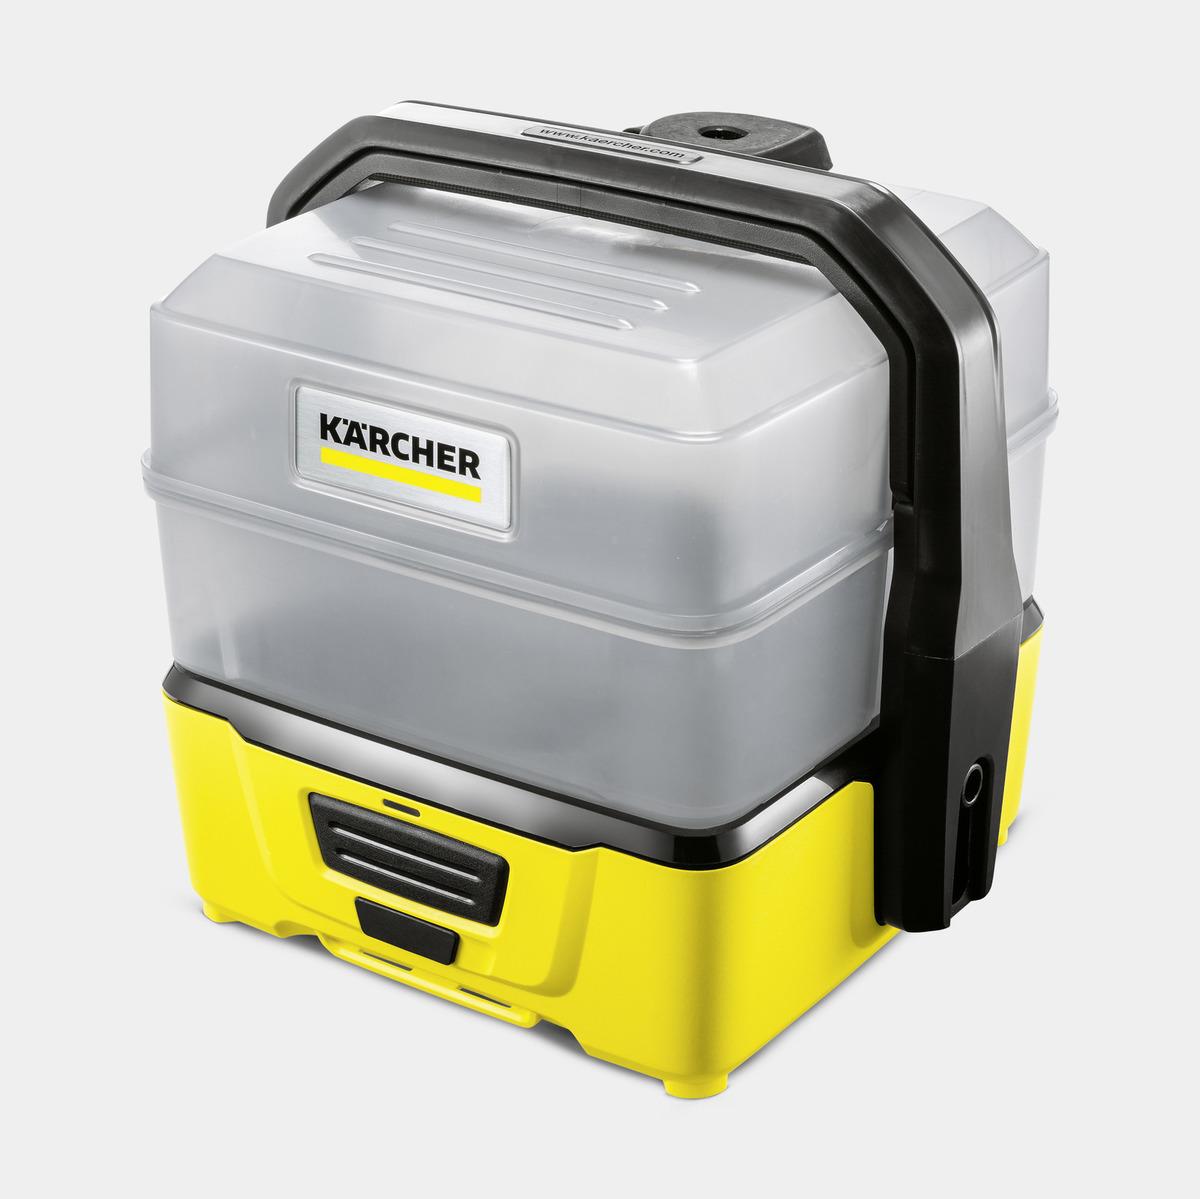 Kacher-mobilni-čistač-Karcher-OC-3-Plus (3)